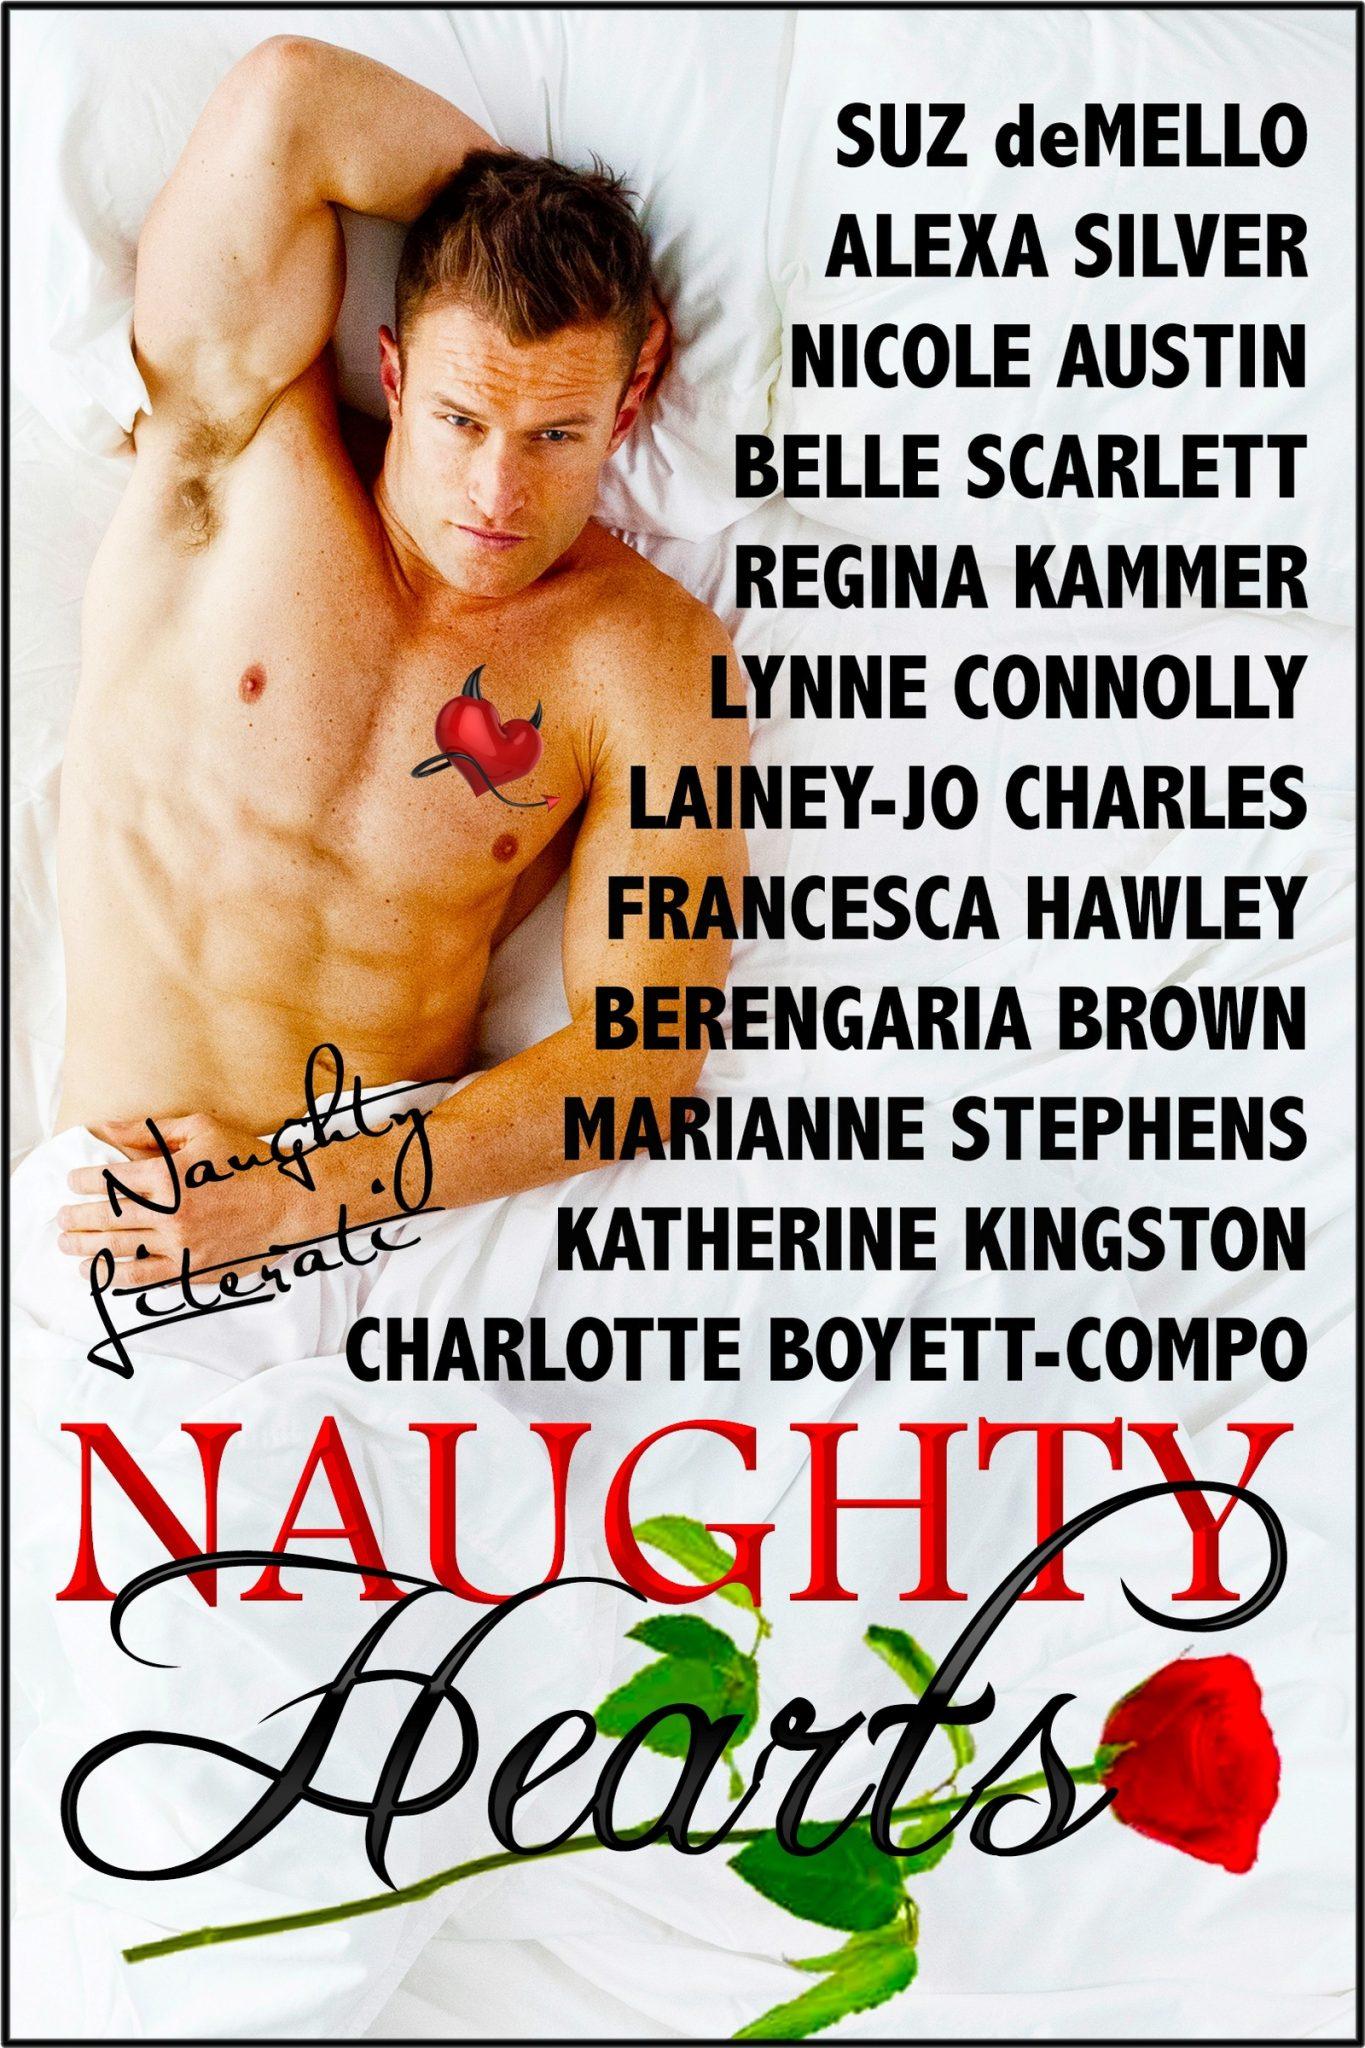 http://www.naughtyliterati.com/wp-content/uploads/2015/01/Naughty-Hearts-V2.jpg